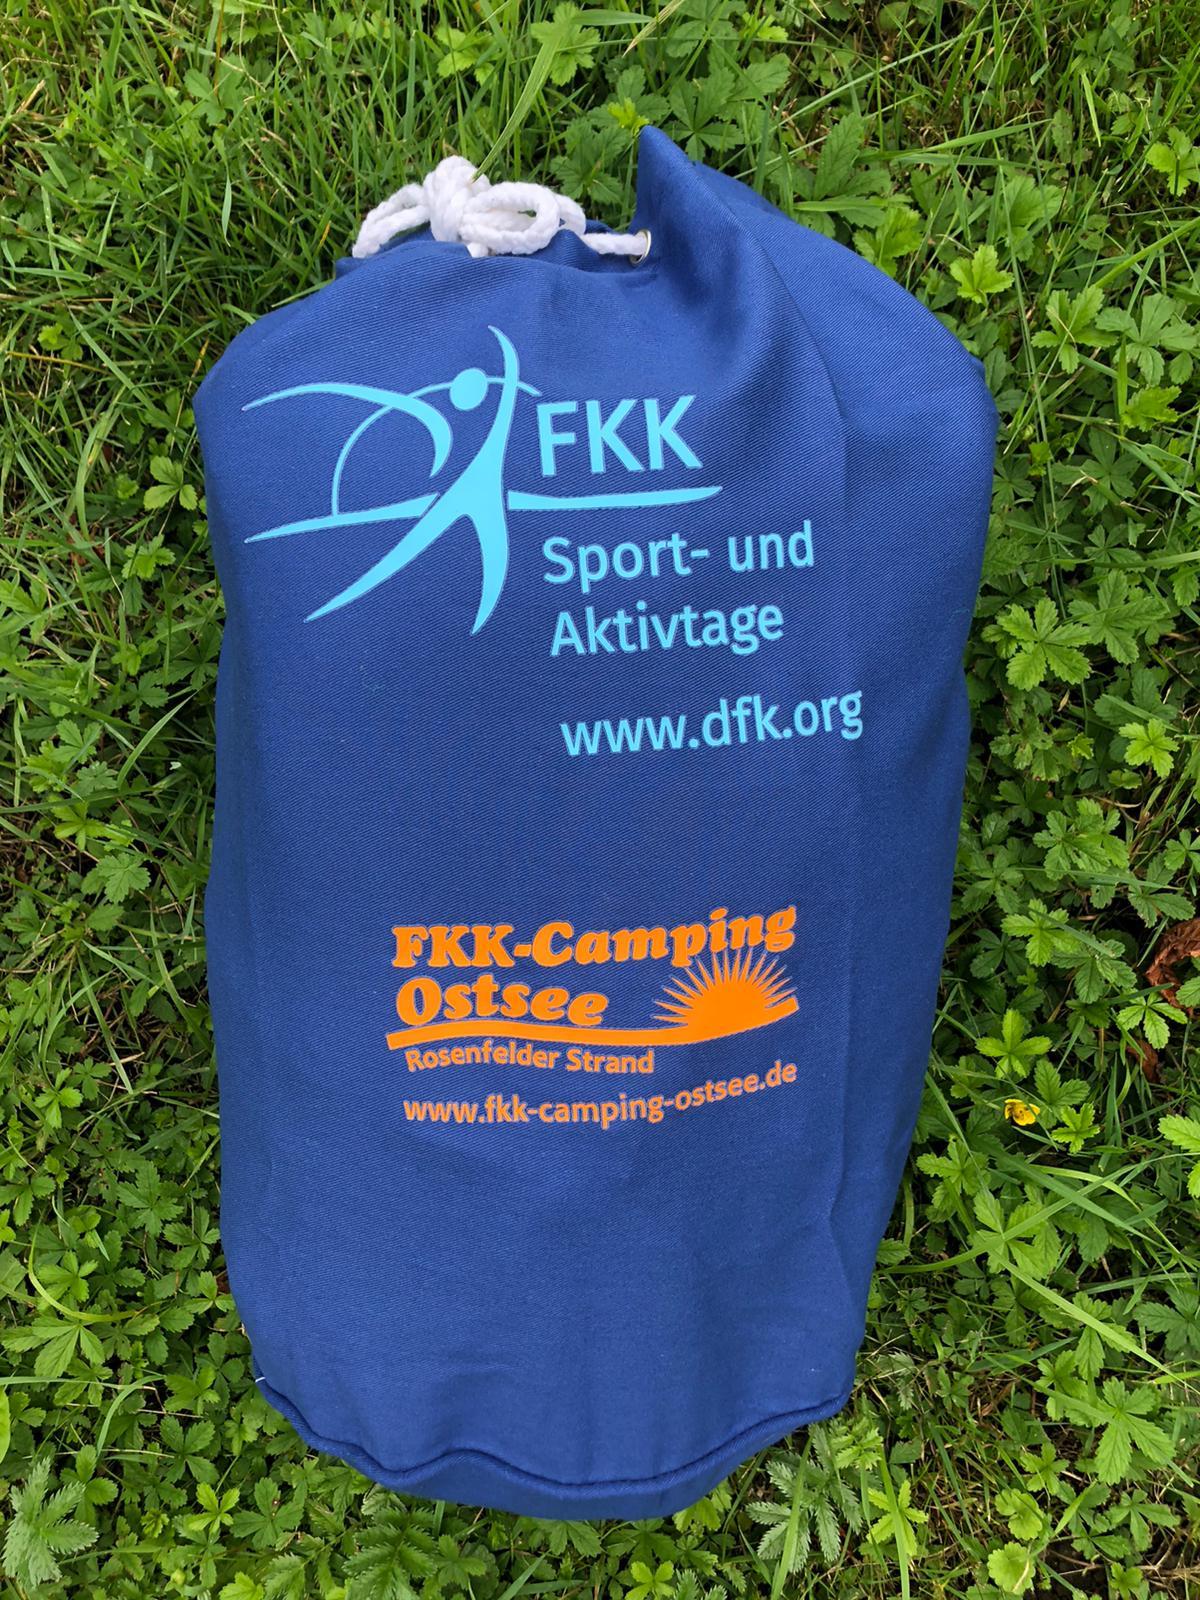 Ostsee strand camping fkk rosenfelder Campsite Baltic